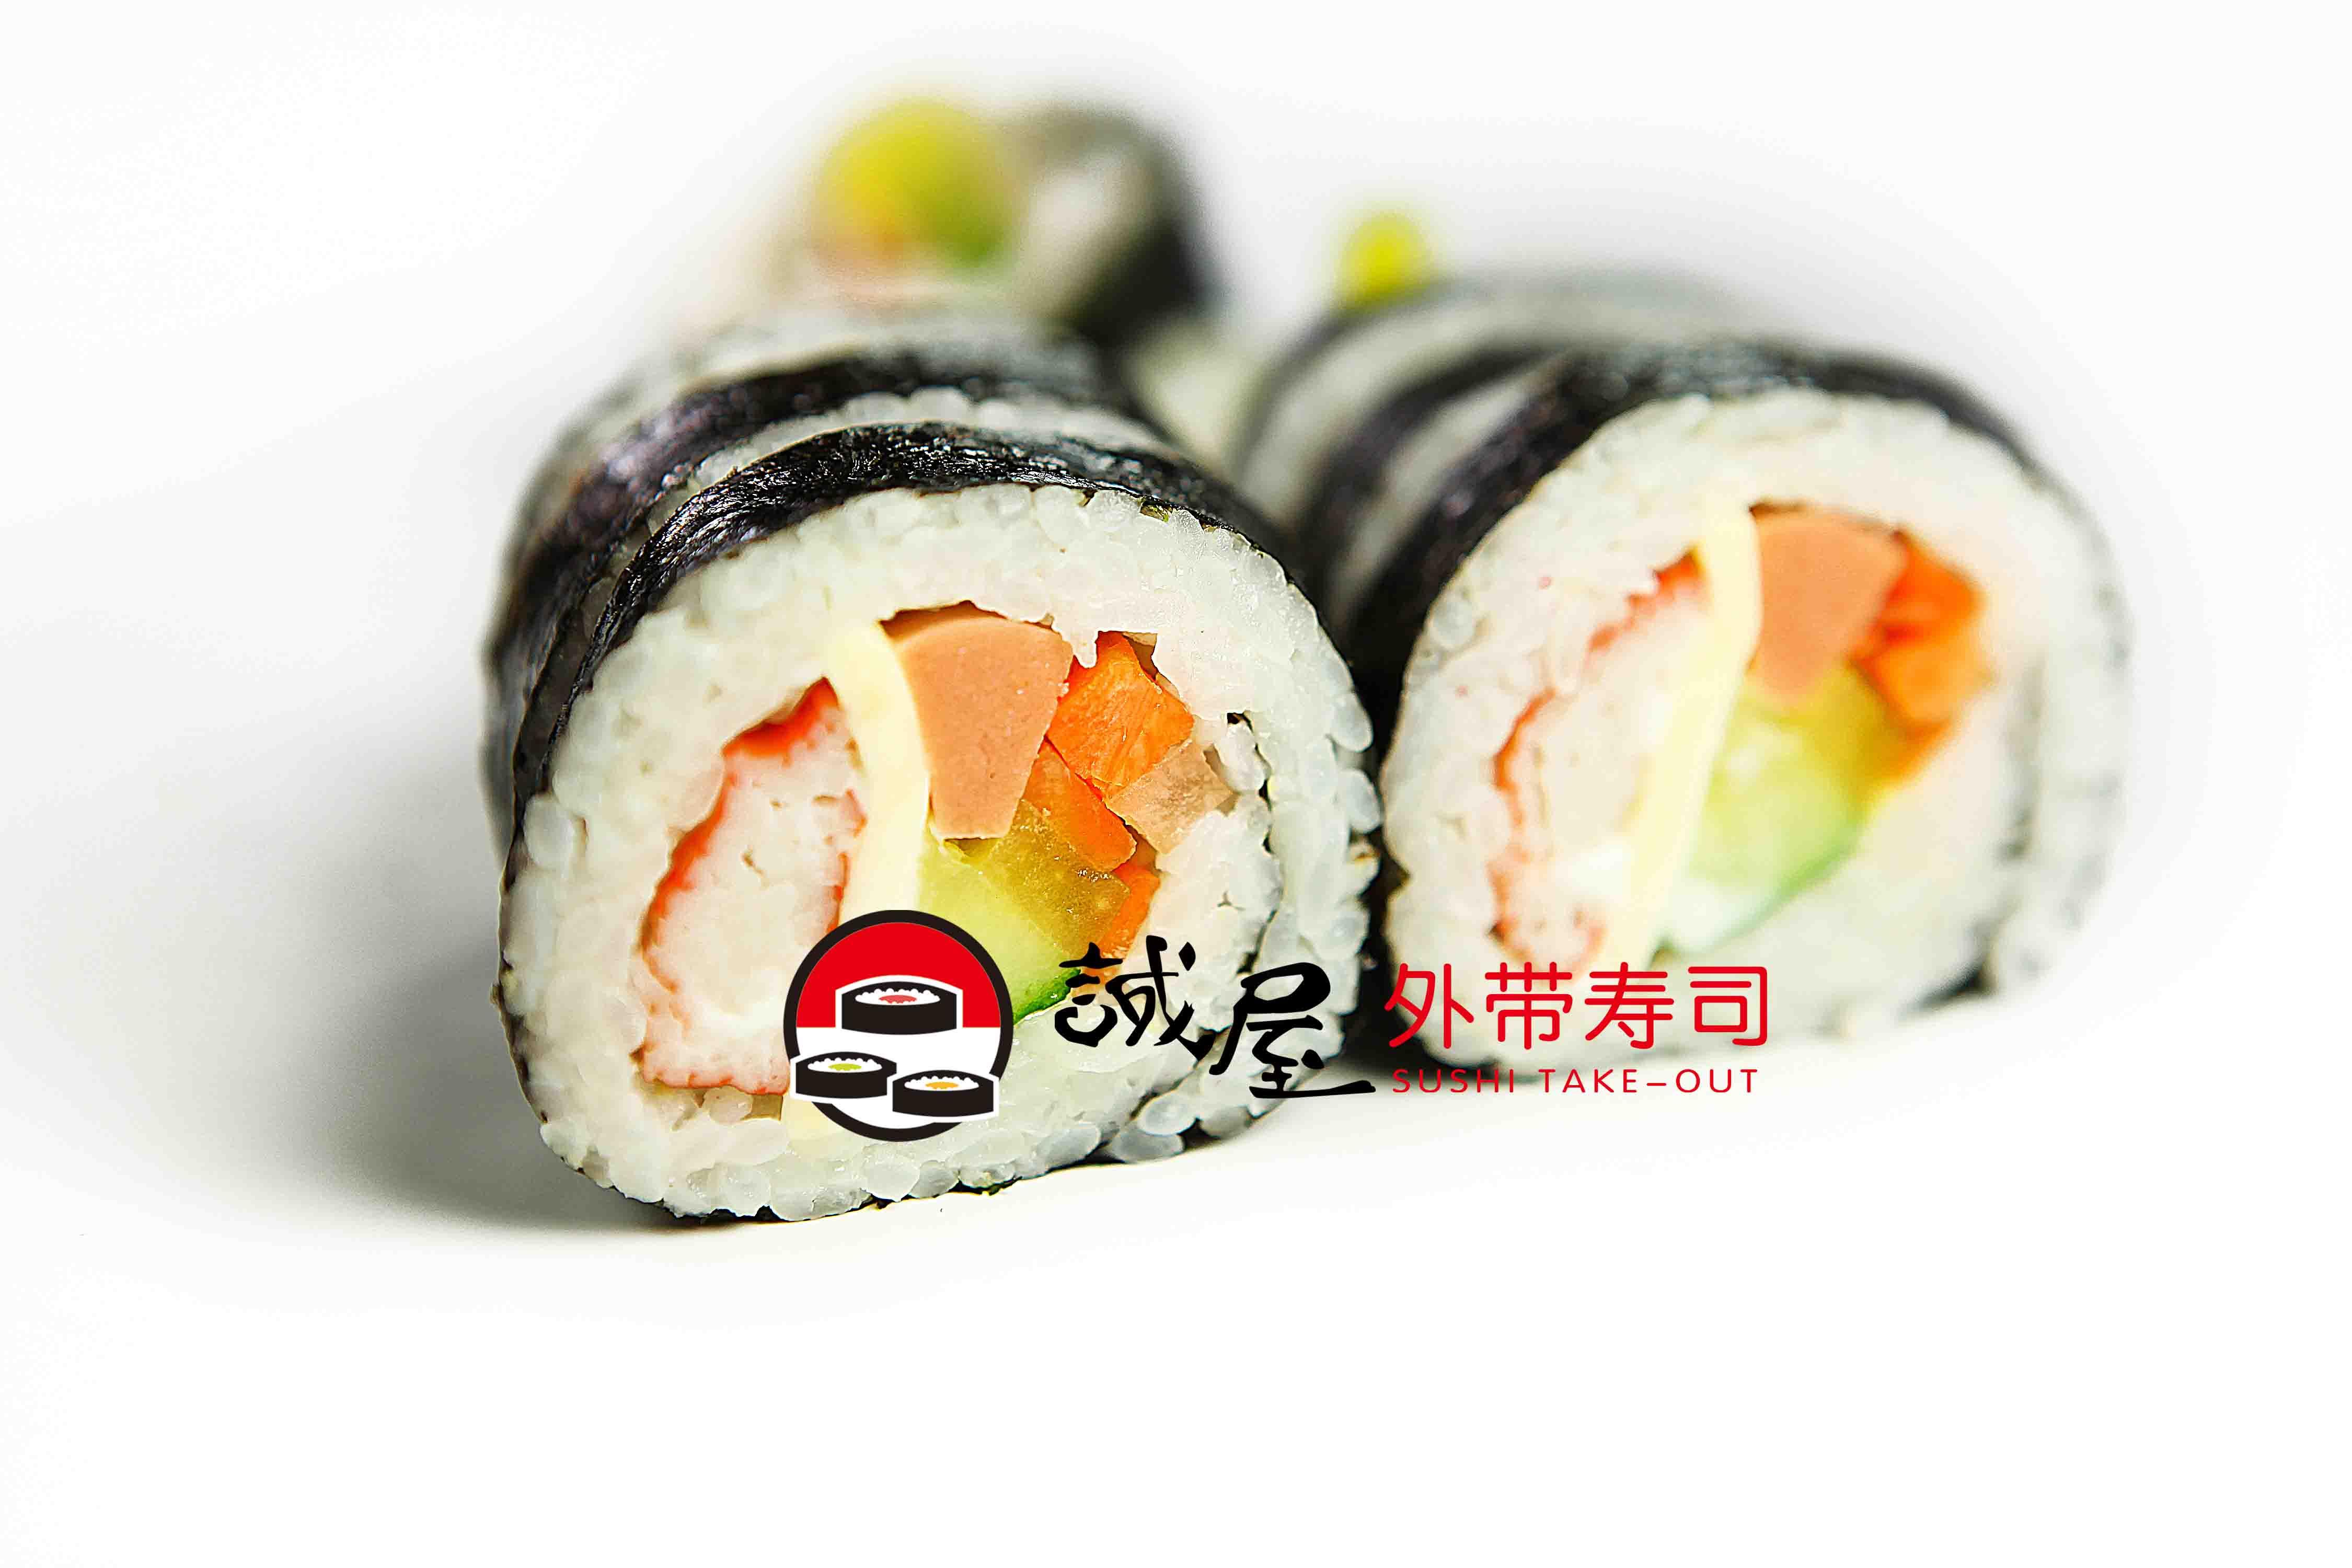 寿司_寿司供货商_供应北京小型外带寿司加盟